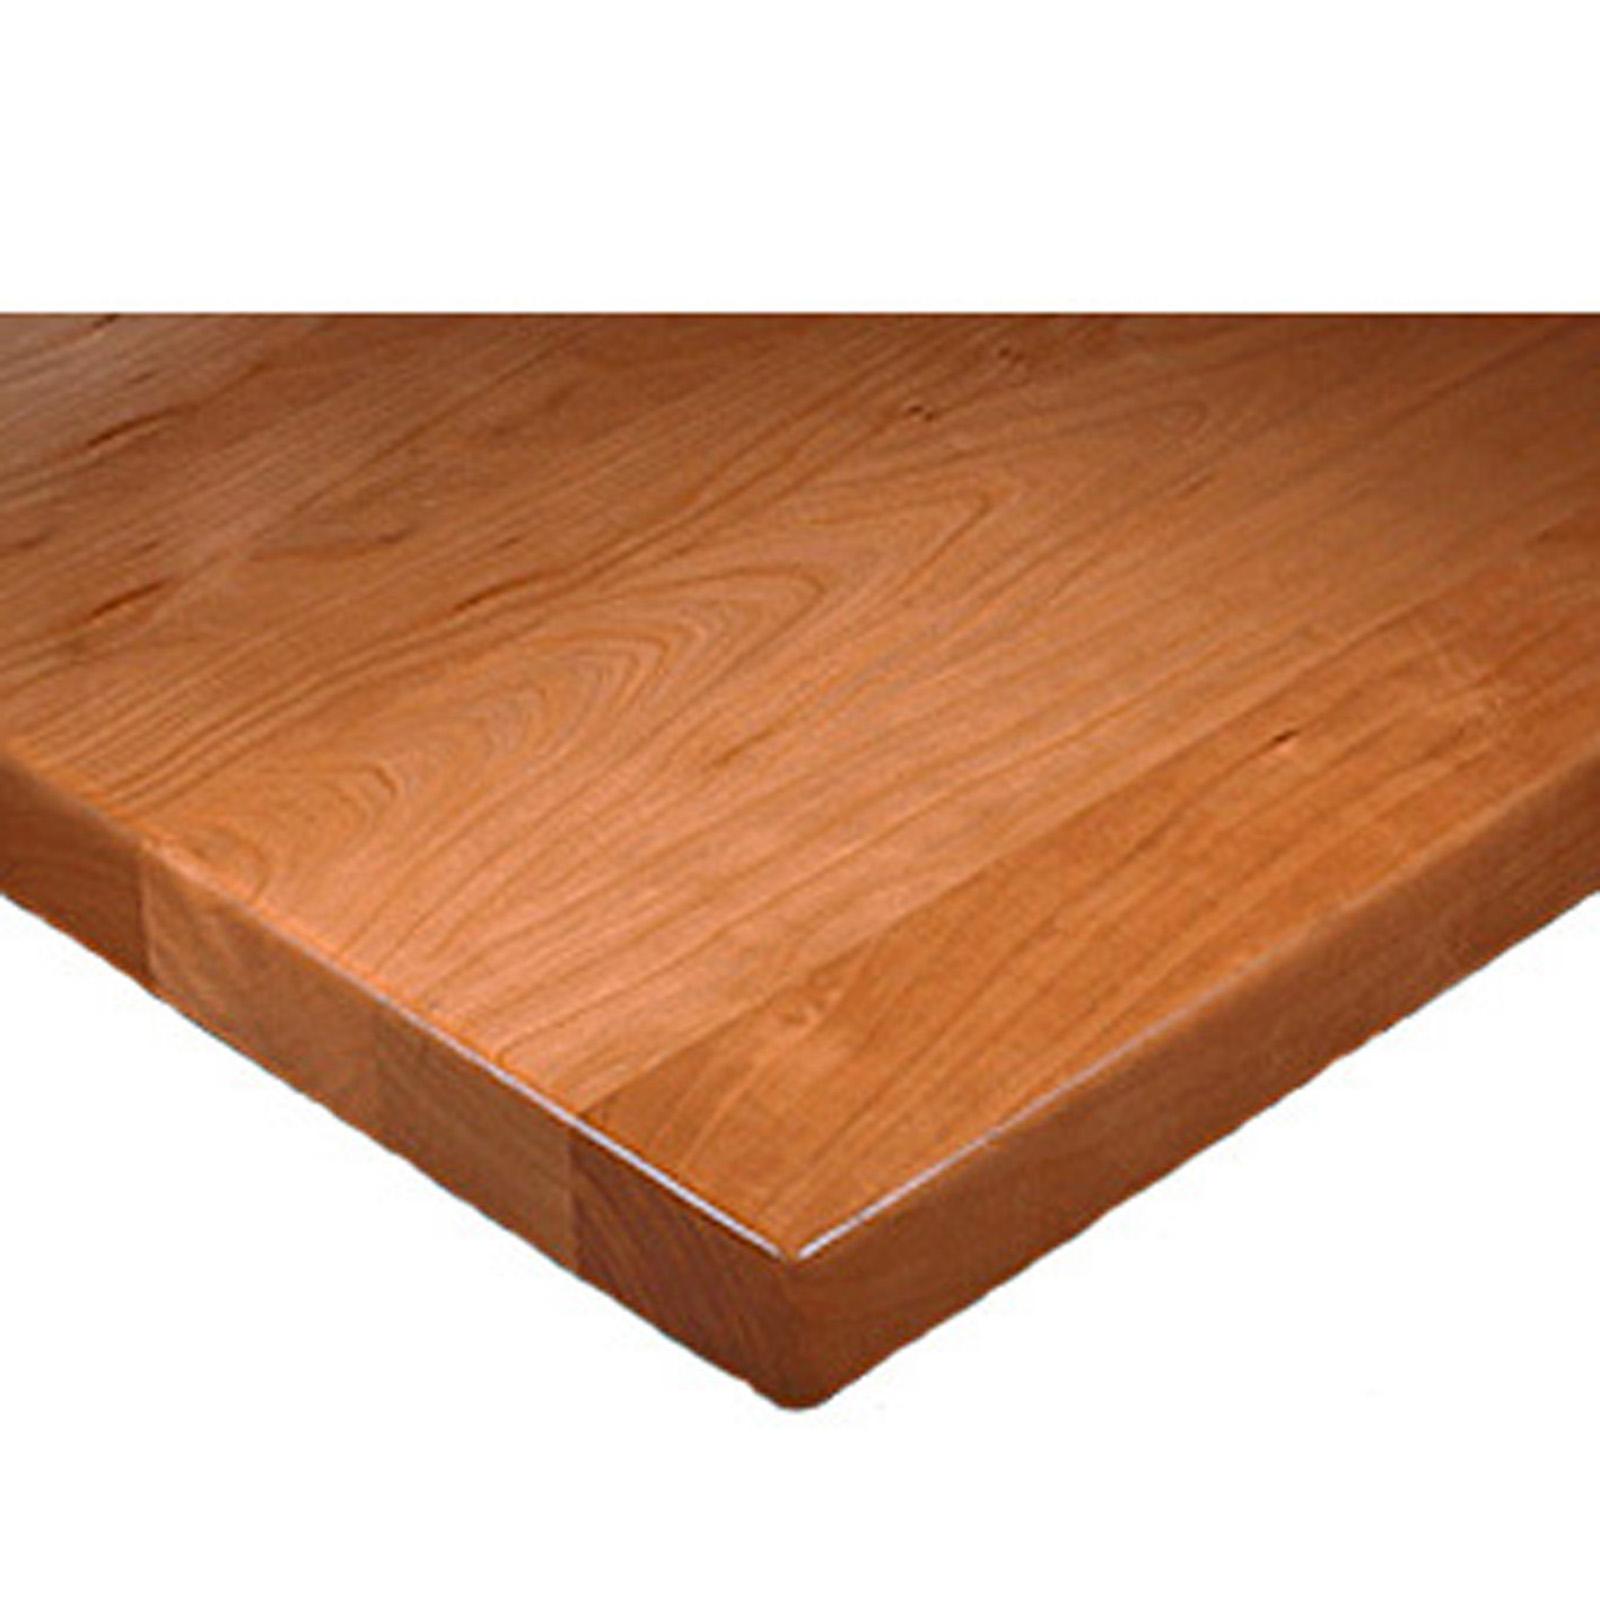 Oak Street PPO2442 table top, wood